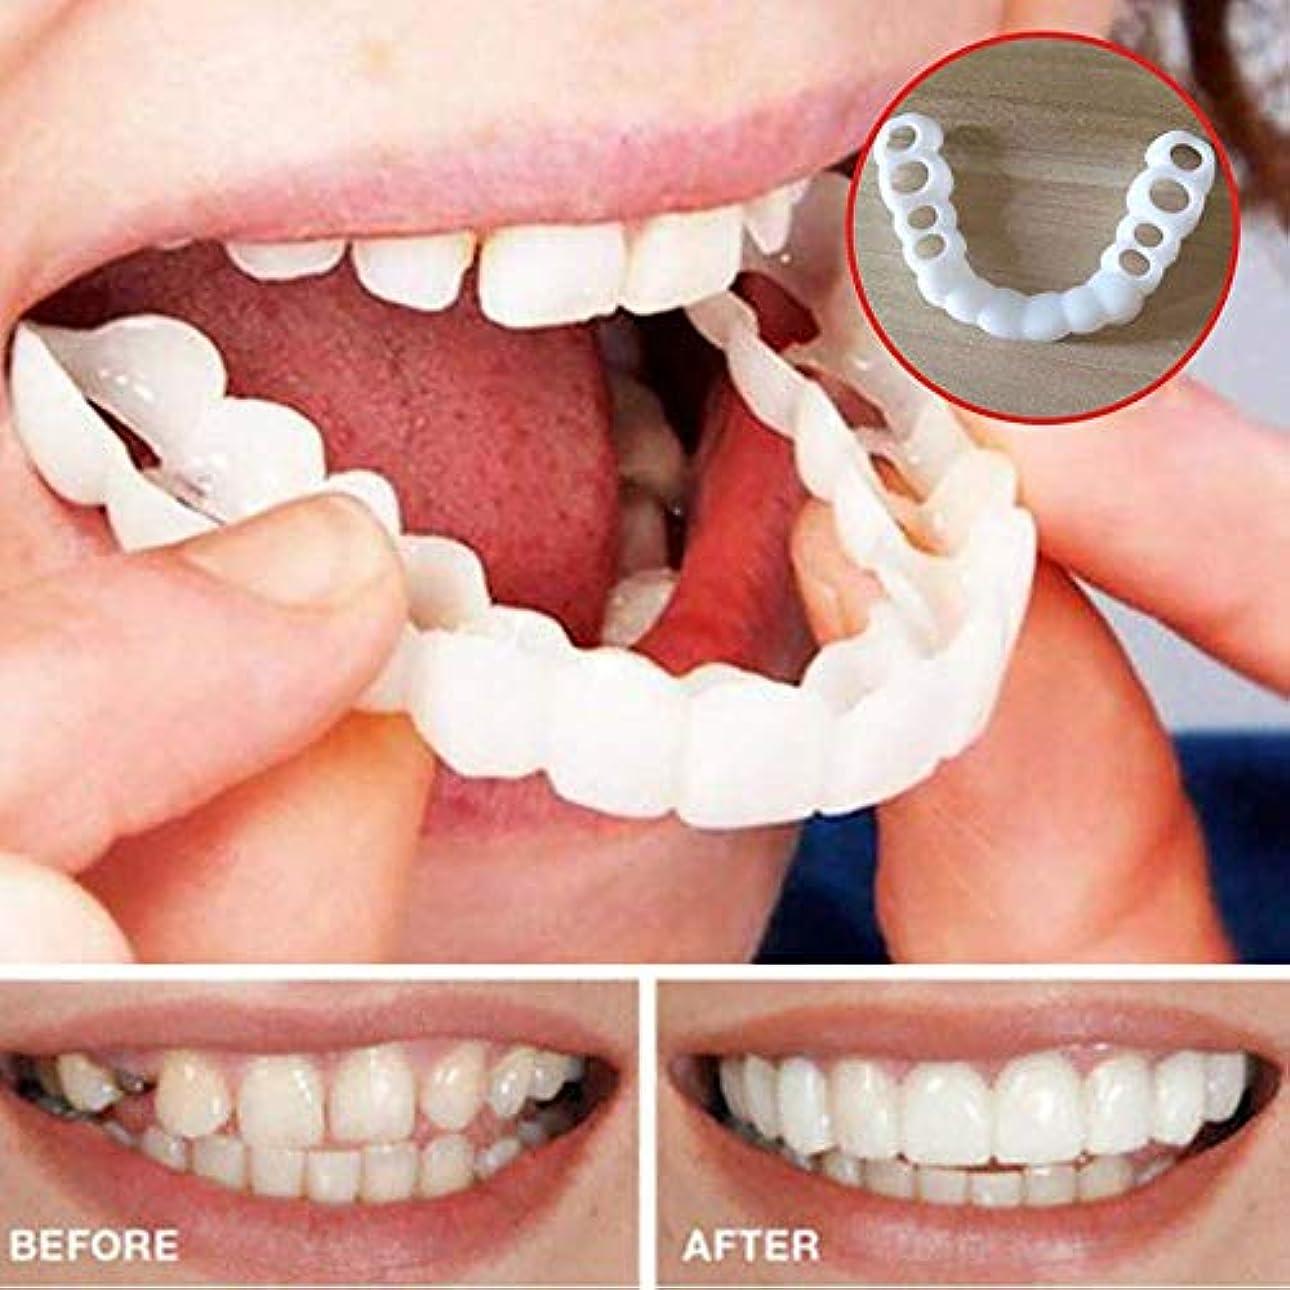 サージしばしばアルバム入れ歯、シリコーンシミュレーション、上歯の4セット、ホワイトニング入れ歯、再利用可能な、入れ歯